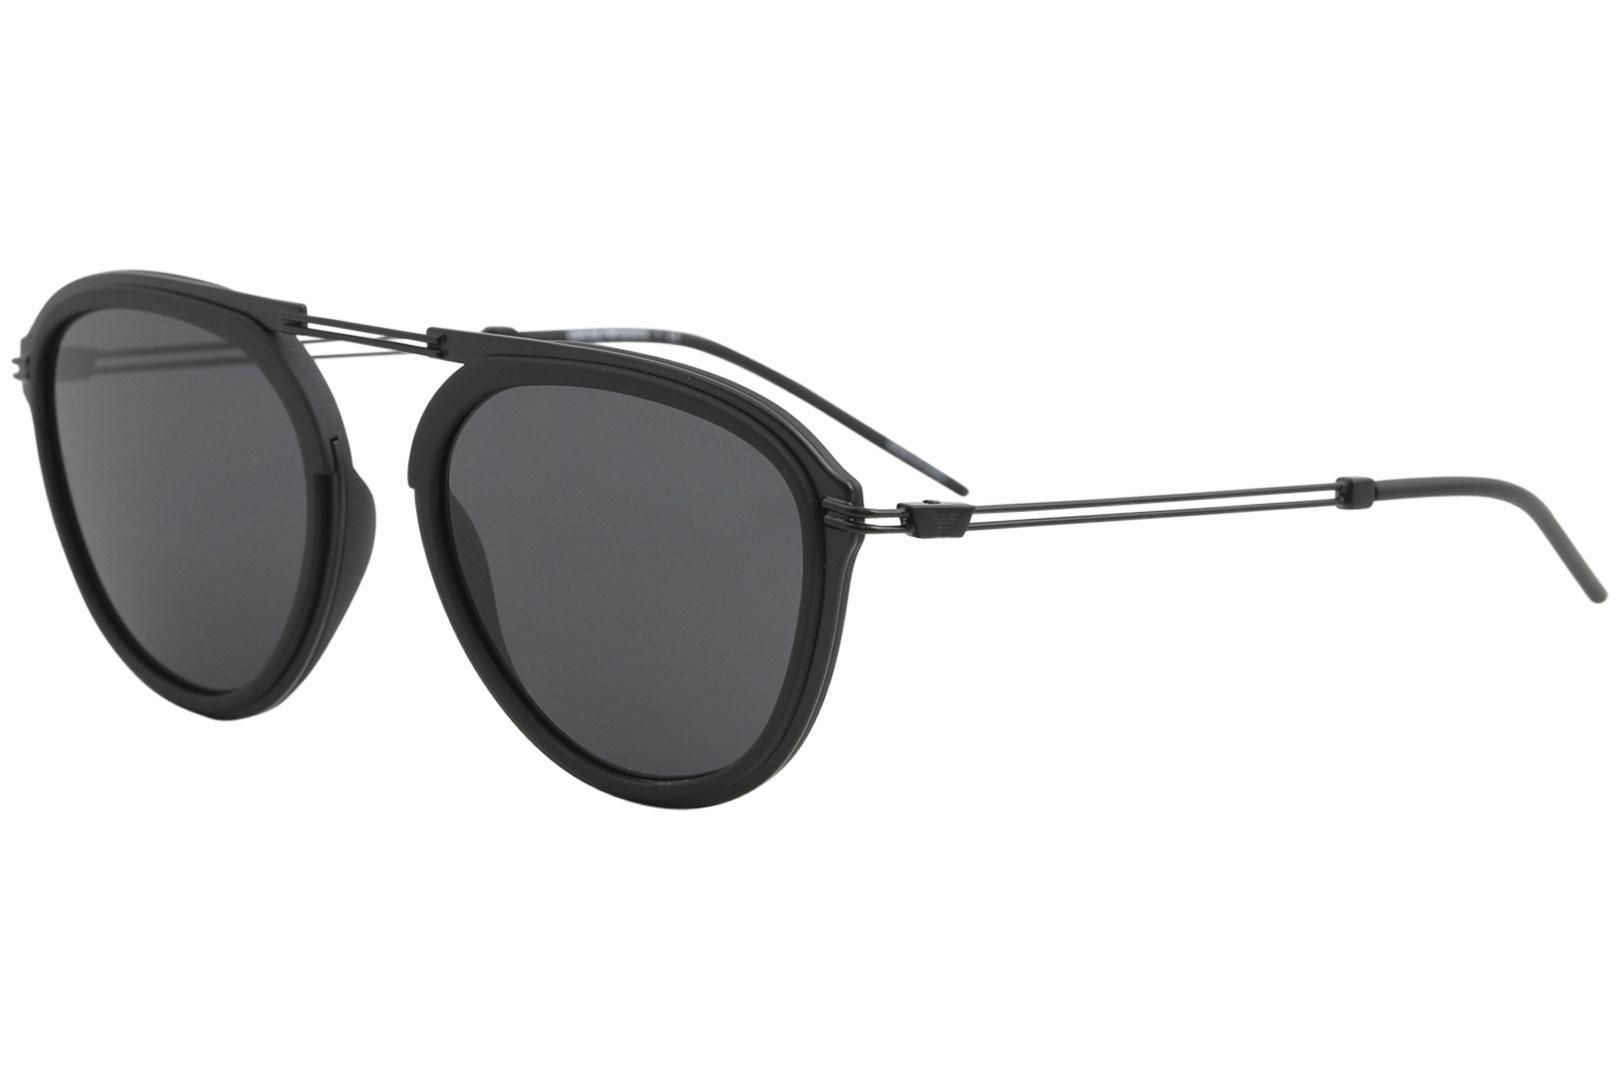 c87fd648c2b2 Emporio Armani Men s EA2056 EA 2056 Fashion Pilot Sunglasses by Emporio  Armani. Touch to zoom